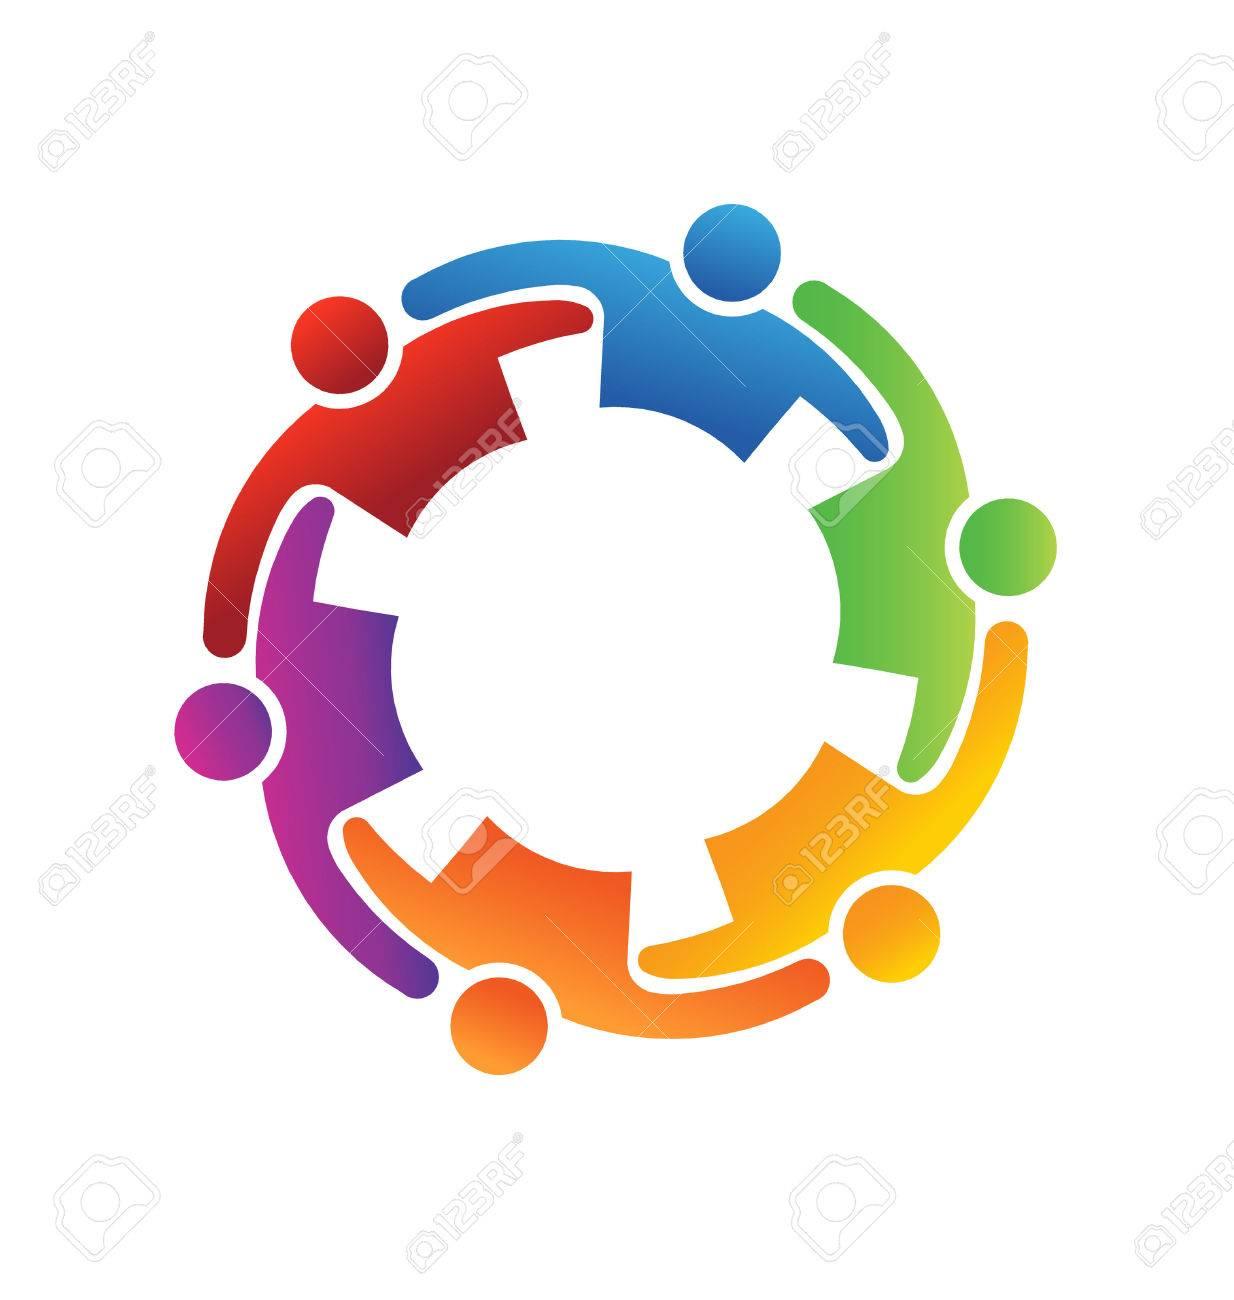 Vector Teamwork Embrace 6 - 24754772